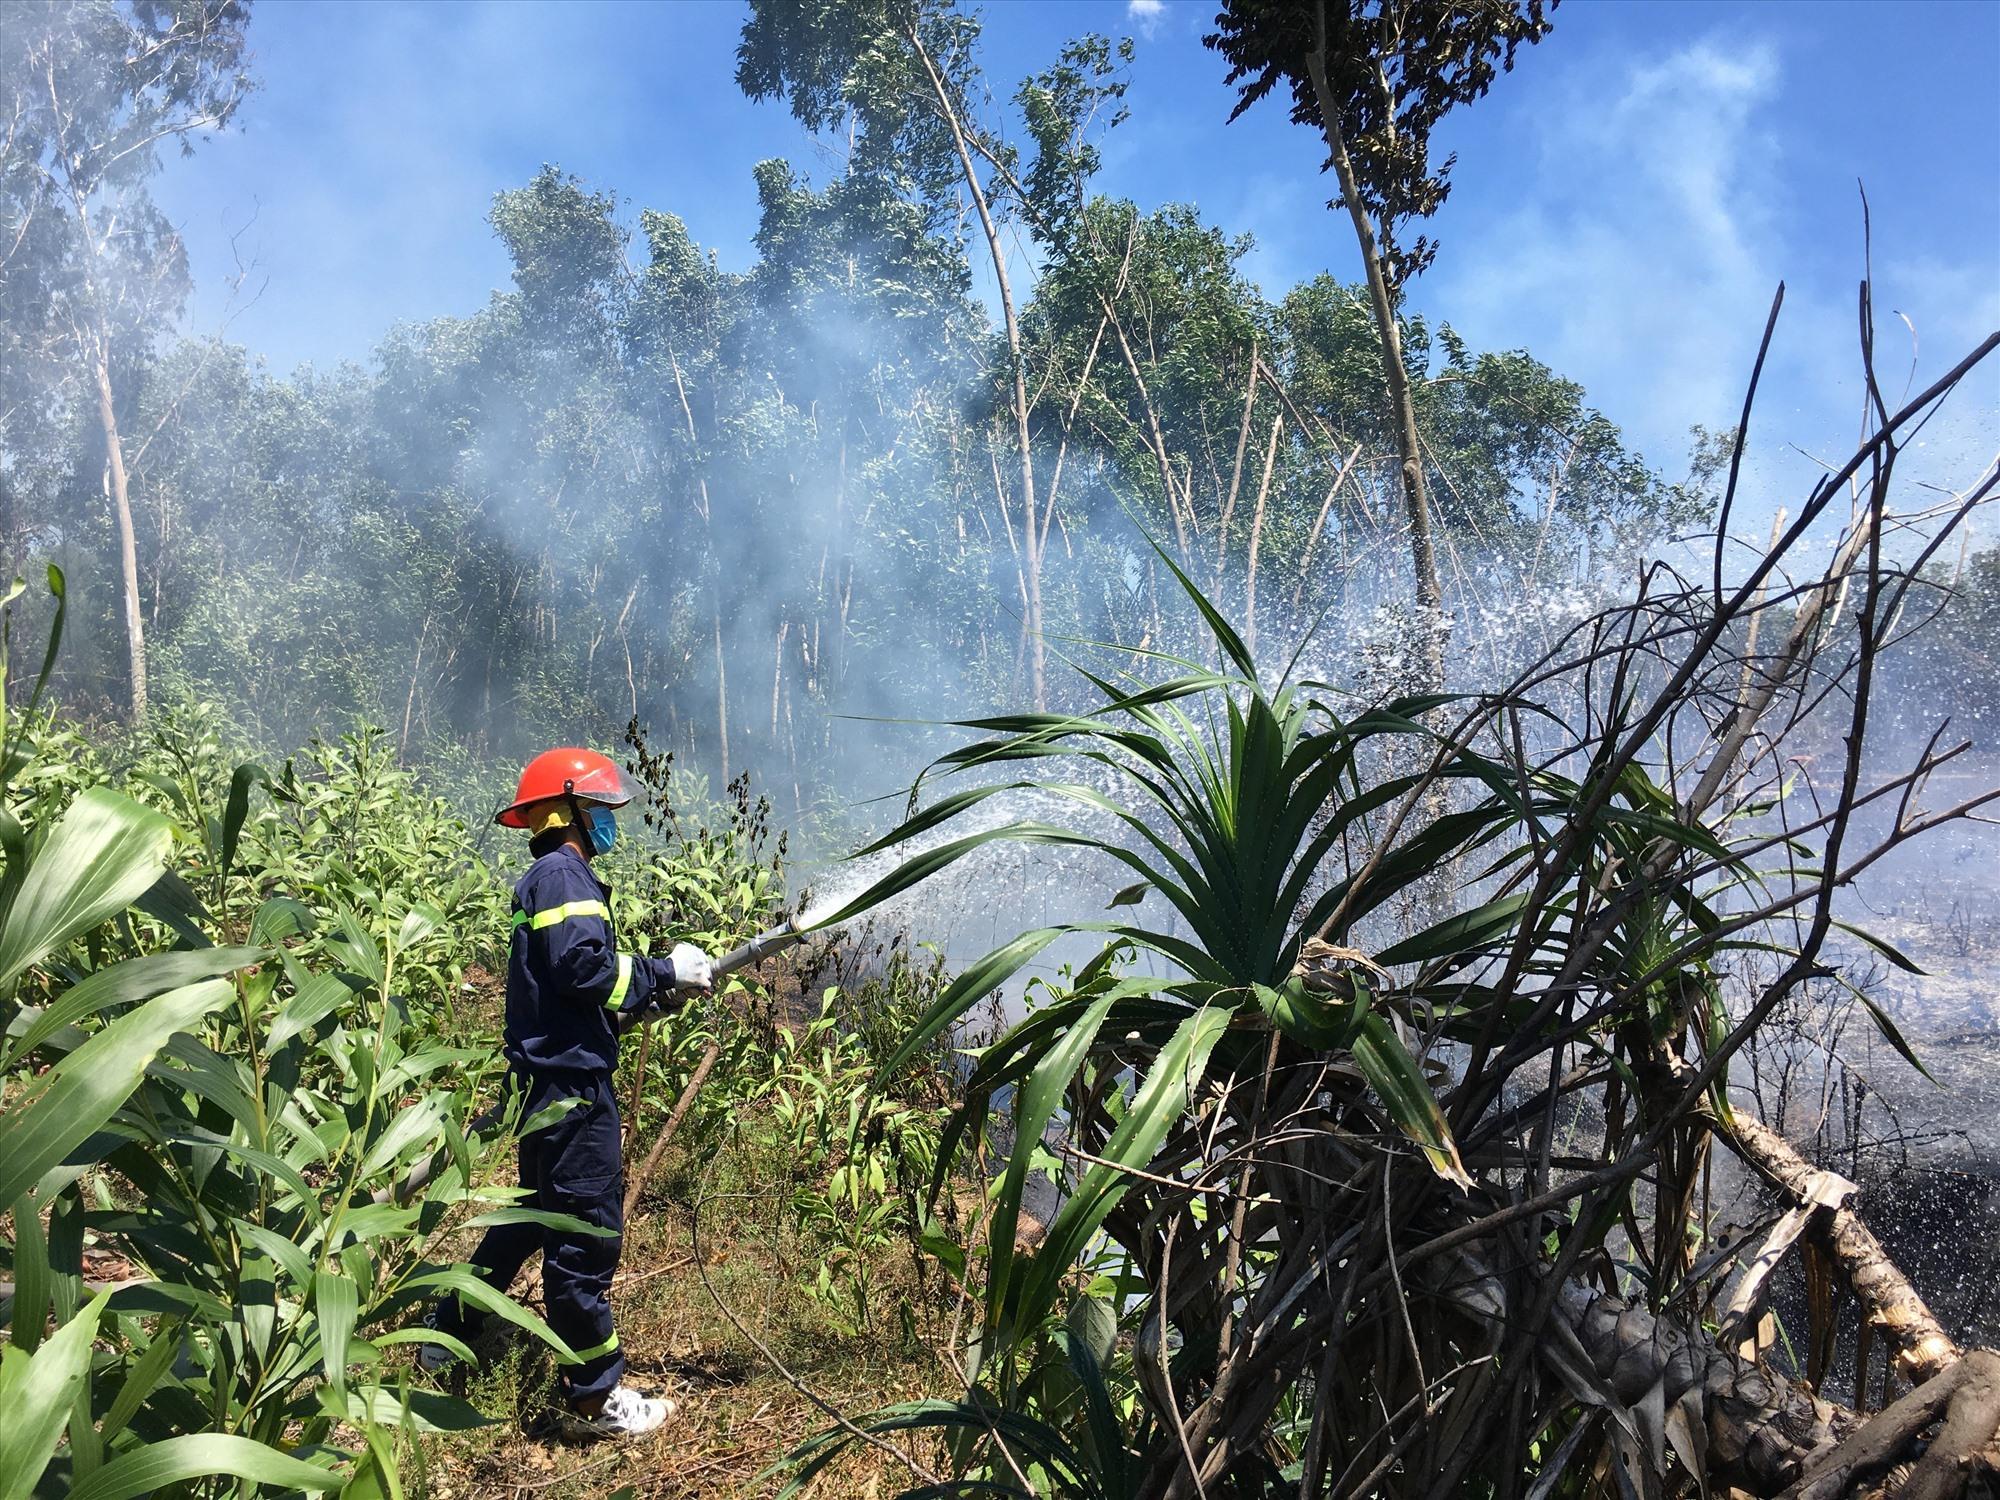 Lực lượng cảnh sát PCCC tiến hành dập lửa. Ảnh: H.C